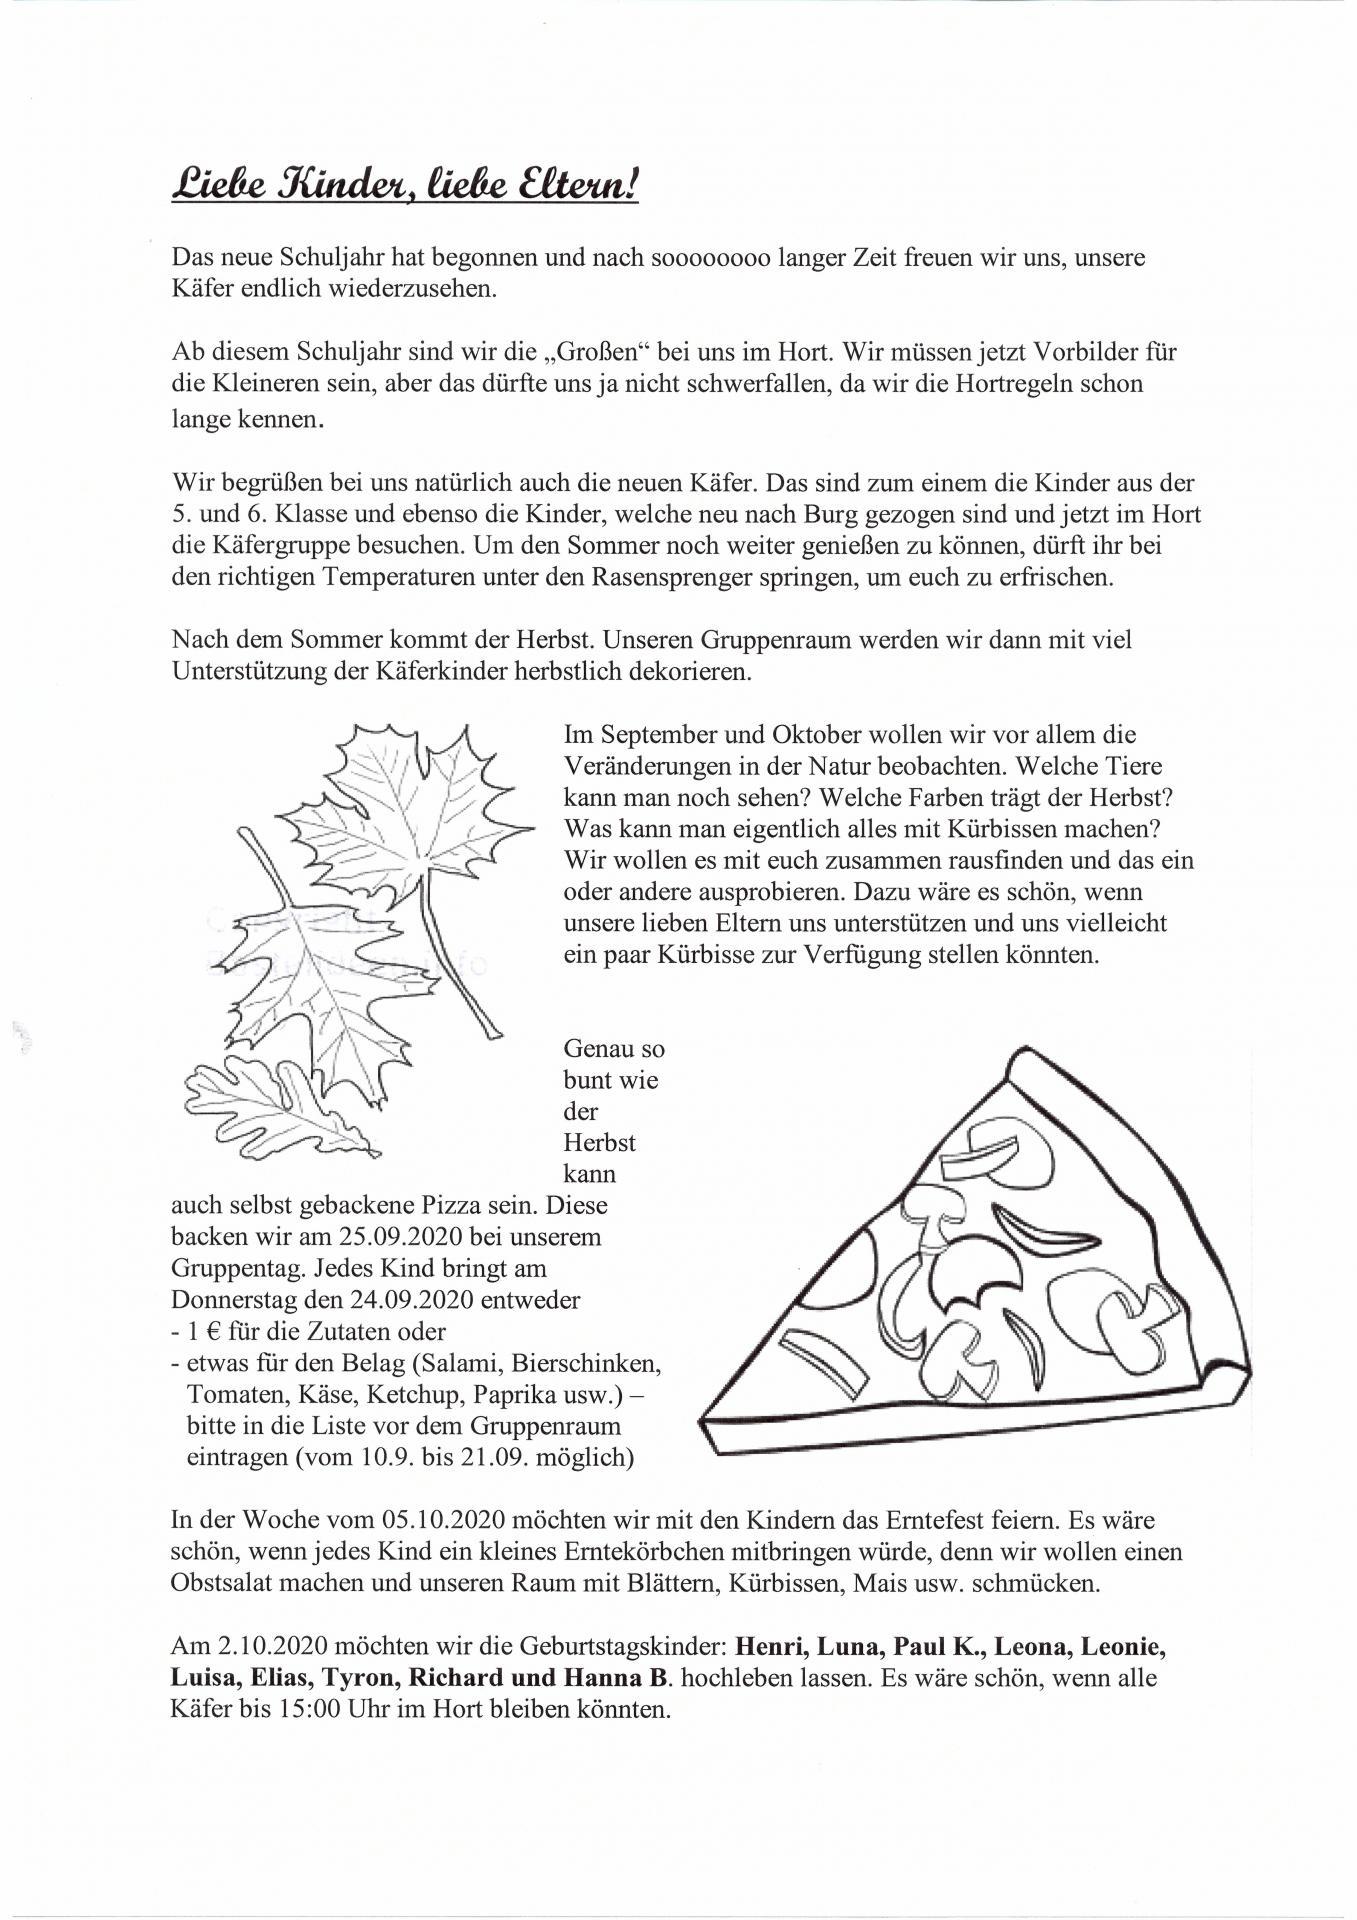 Lipablatt sept 2020 Käfer -1-